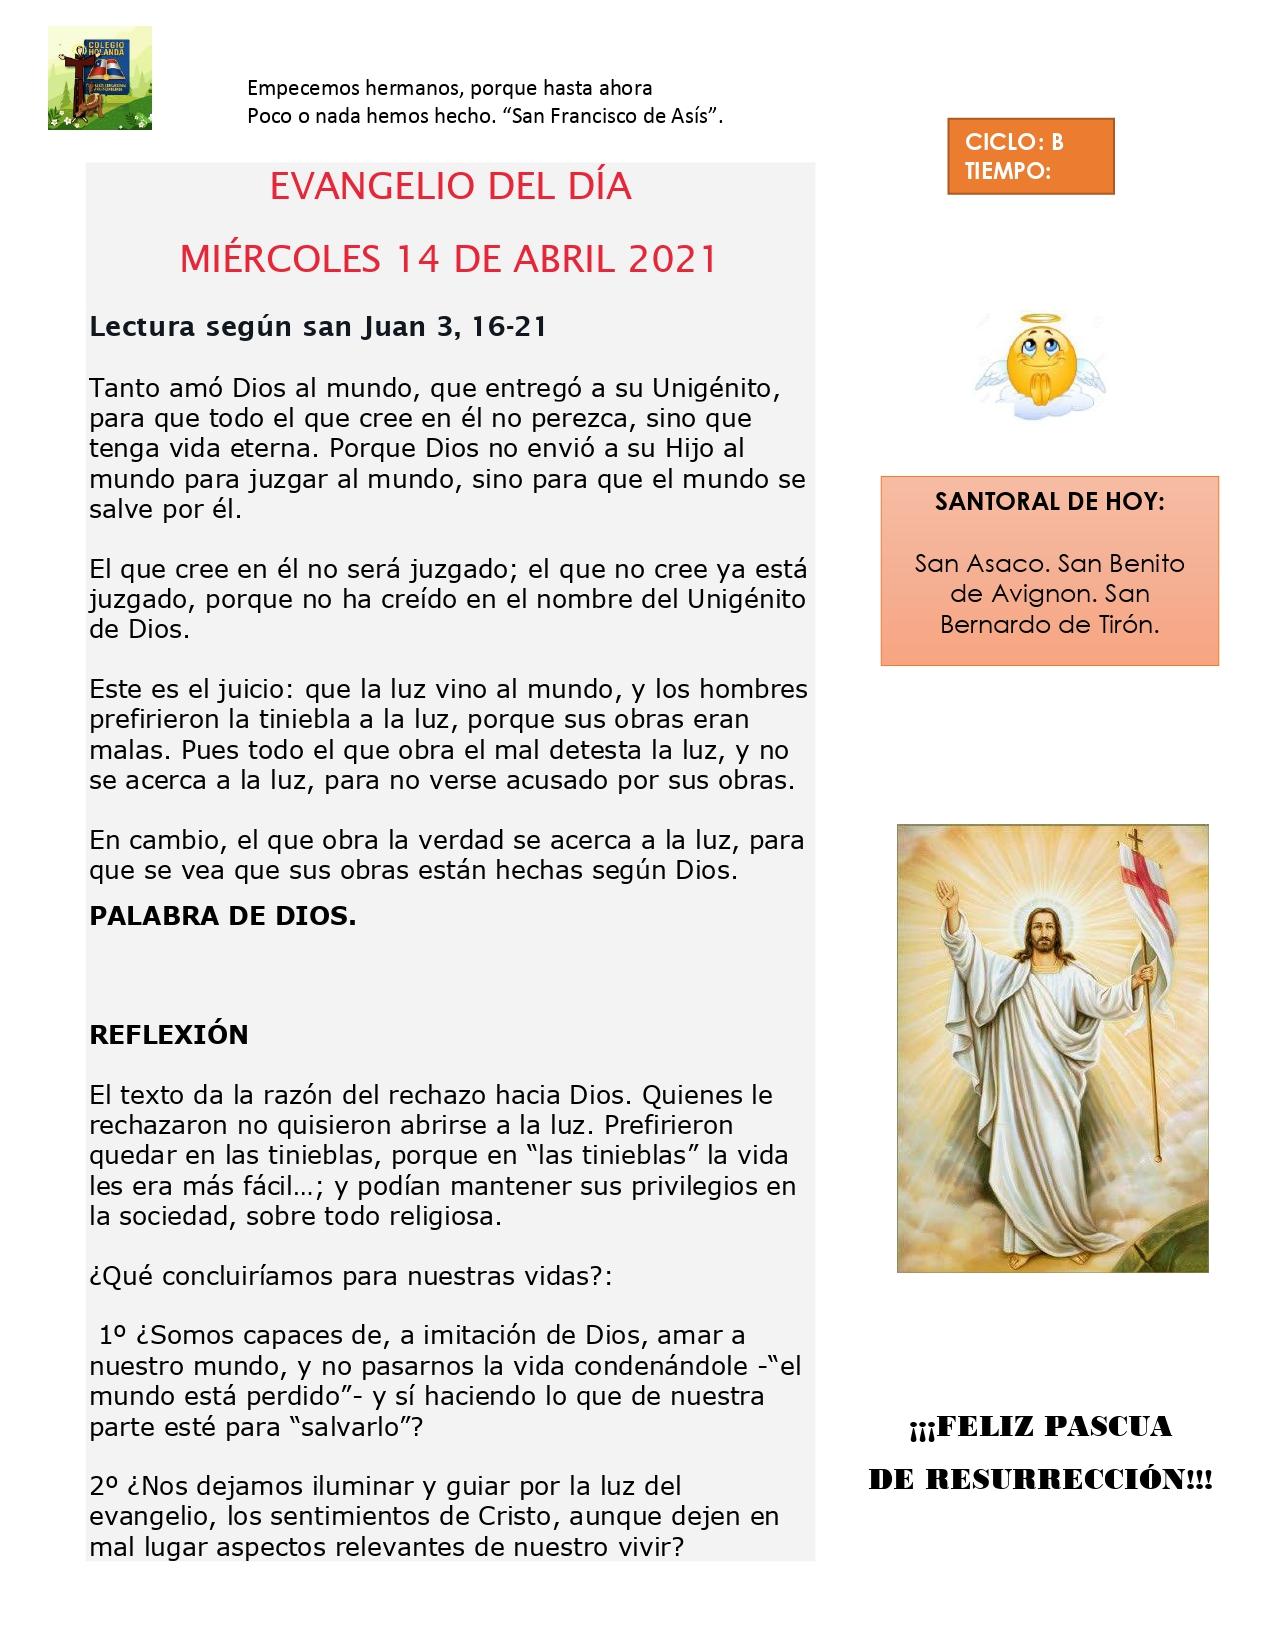 MIÉRCOLES 14 DE ABRIL 2021_page-0001